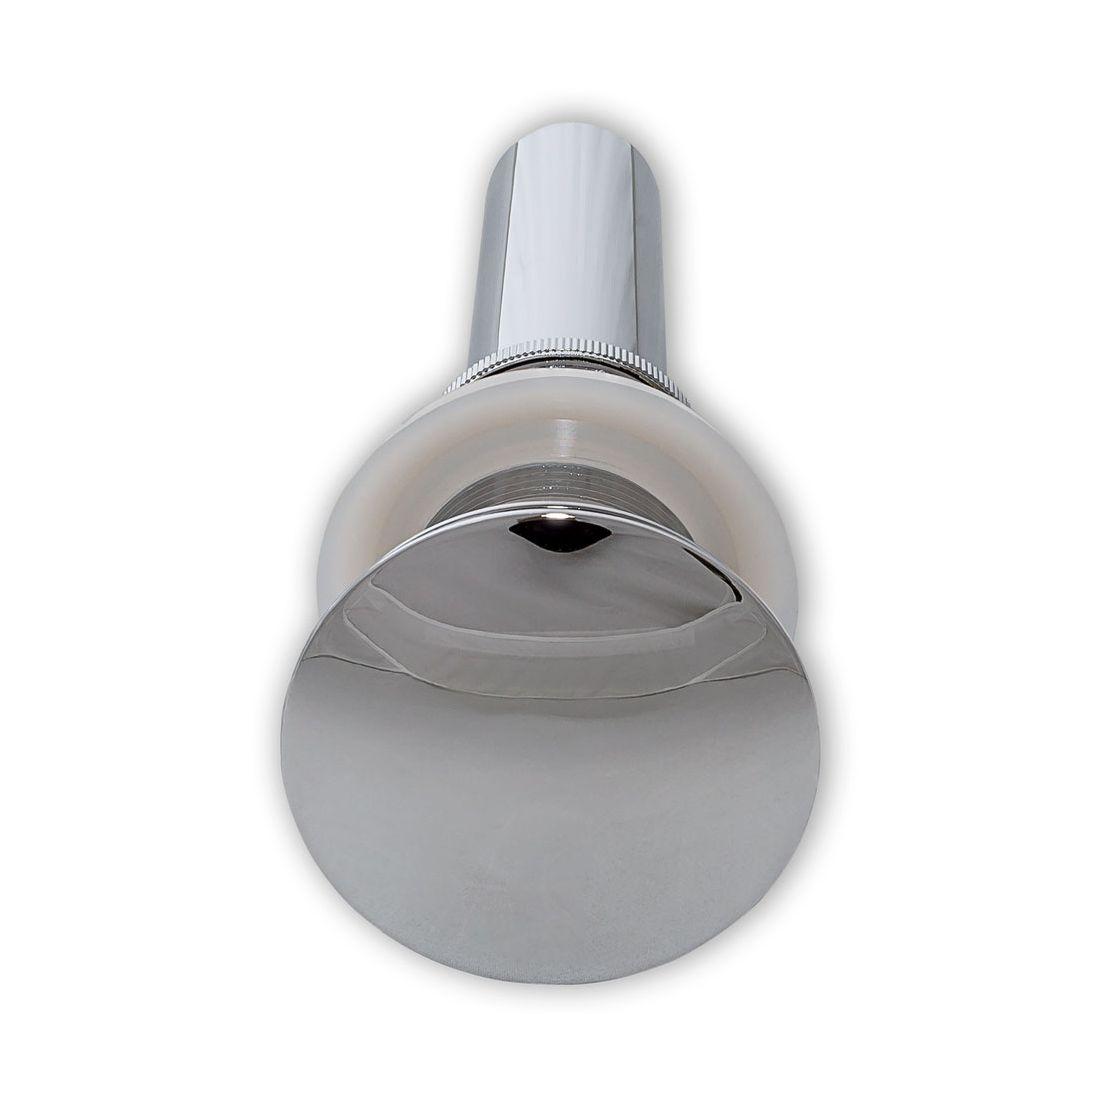 ablaufventil abfluss ablaufgarnitur waschbecken waschtisch afwt01. Black Bedroom Furniture Sets. Home Design Ideas